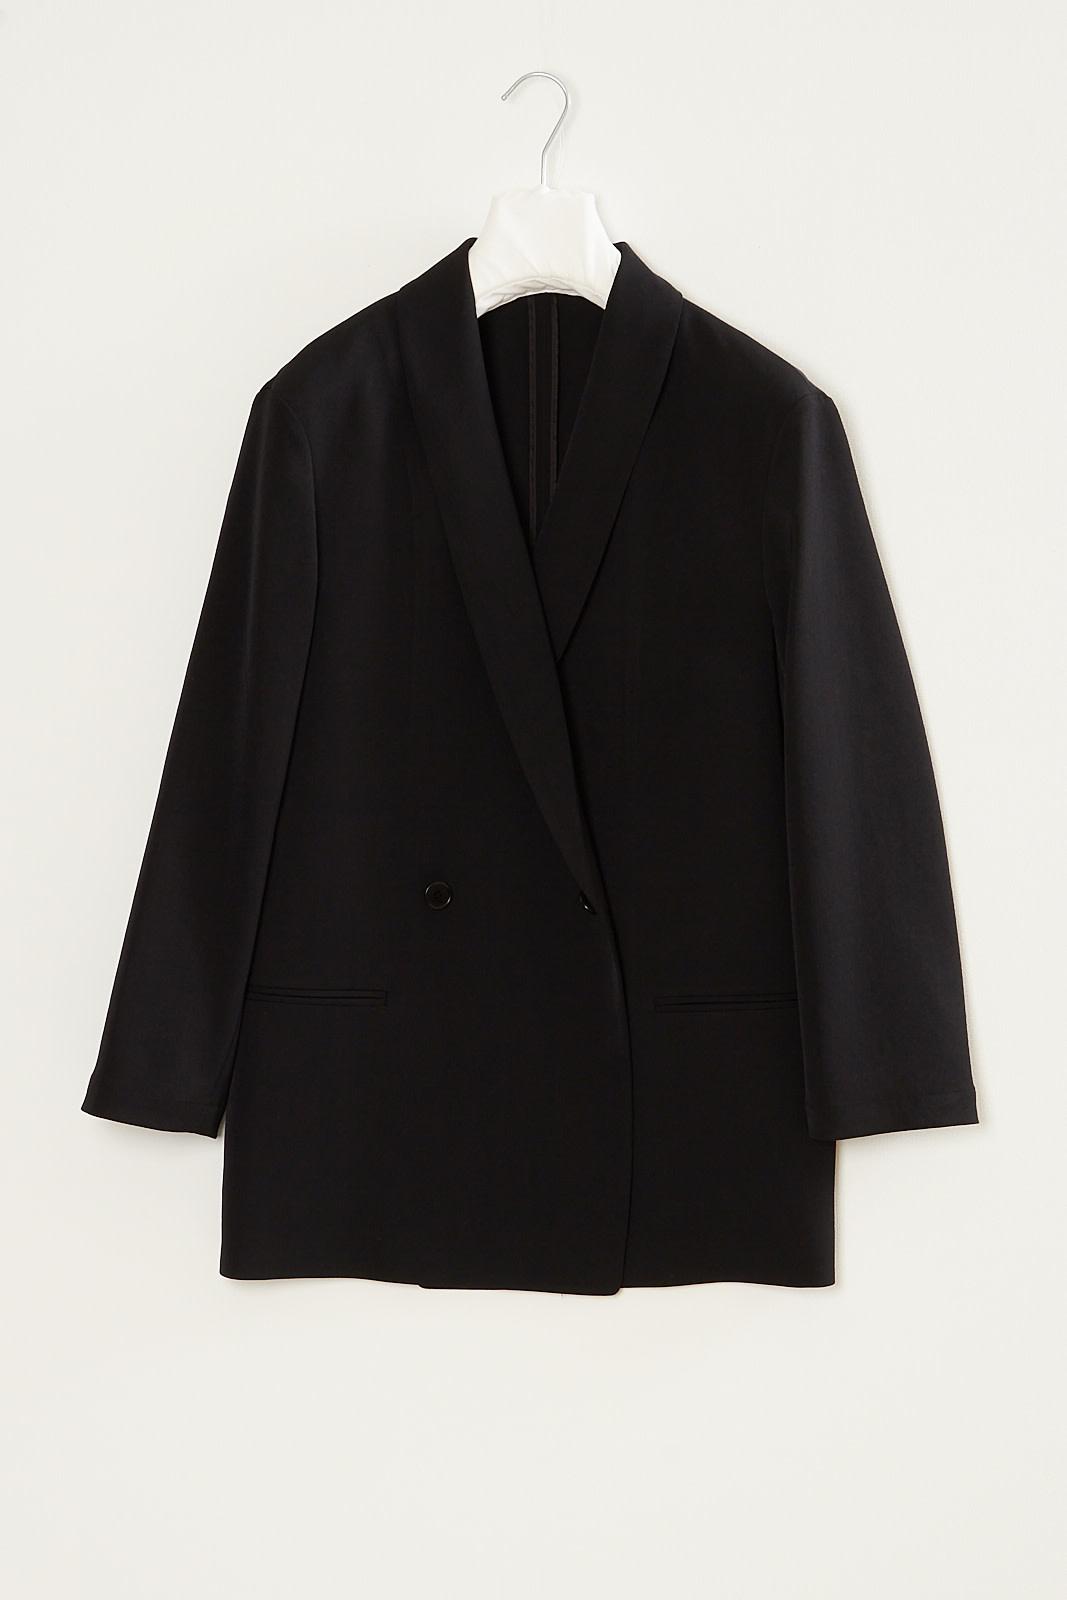 Drae Bird shawl collar jacket